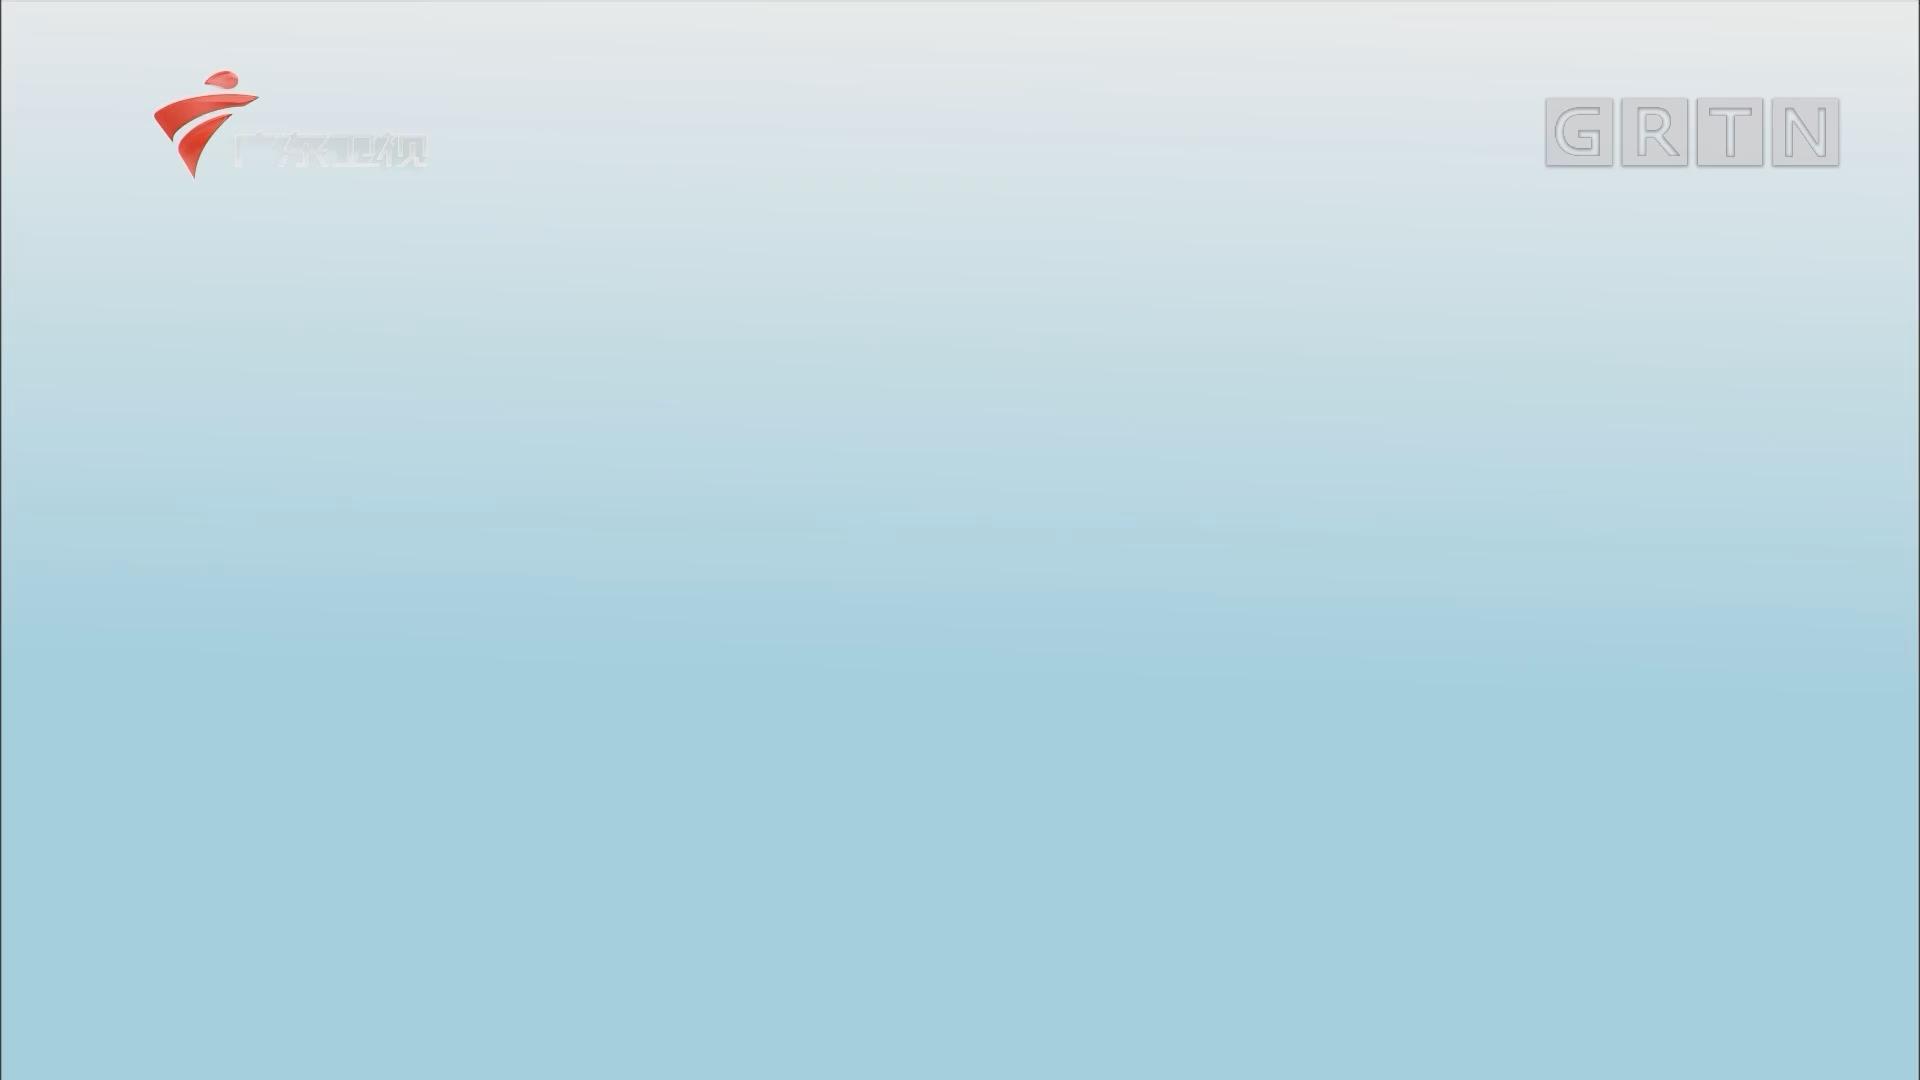 [HD][2019-09-09]财经郎眼:爆款哪吒的背后·笛一声